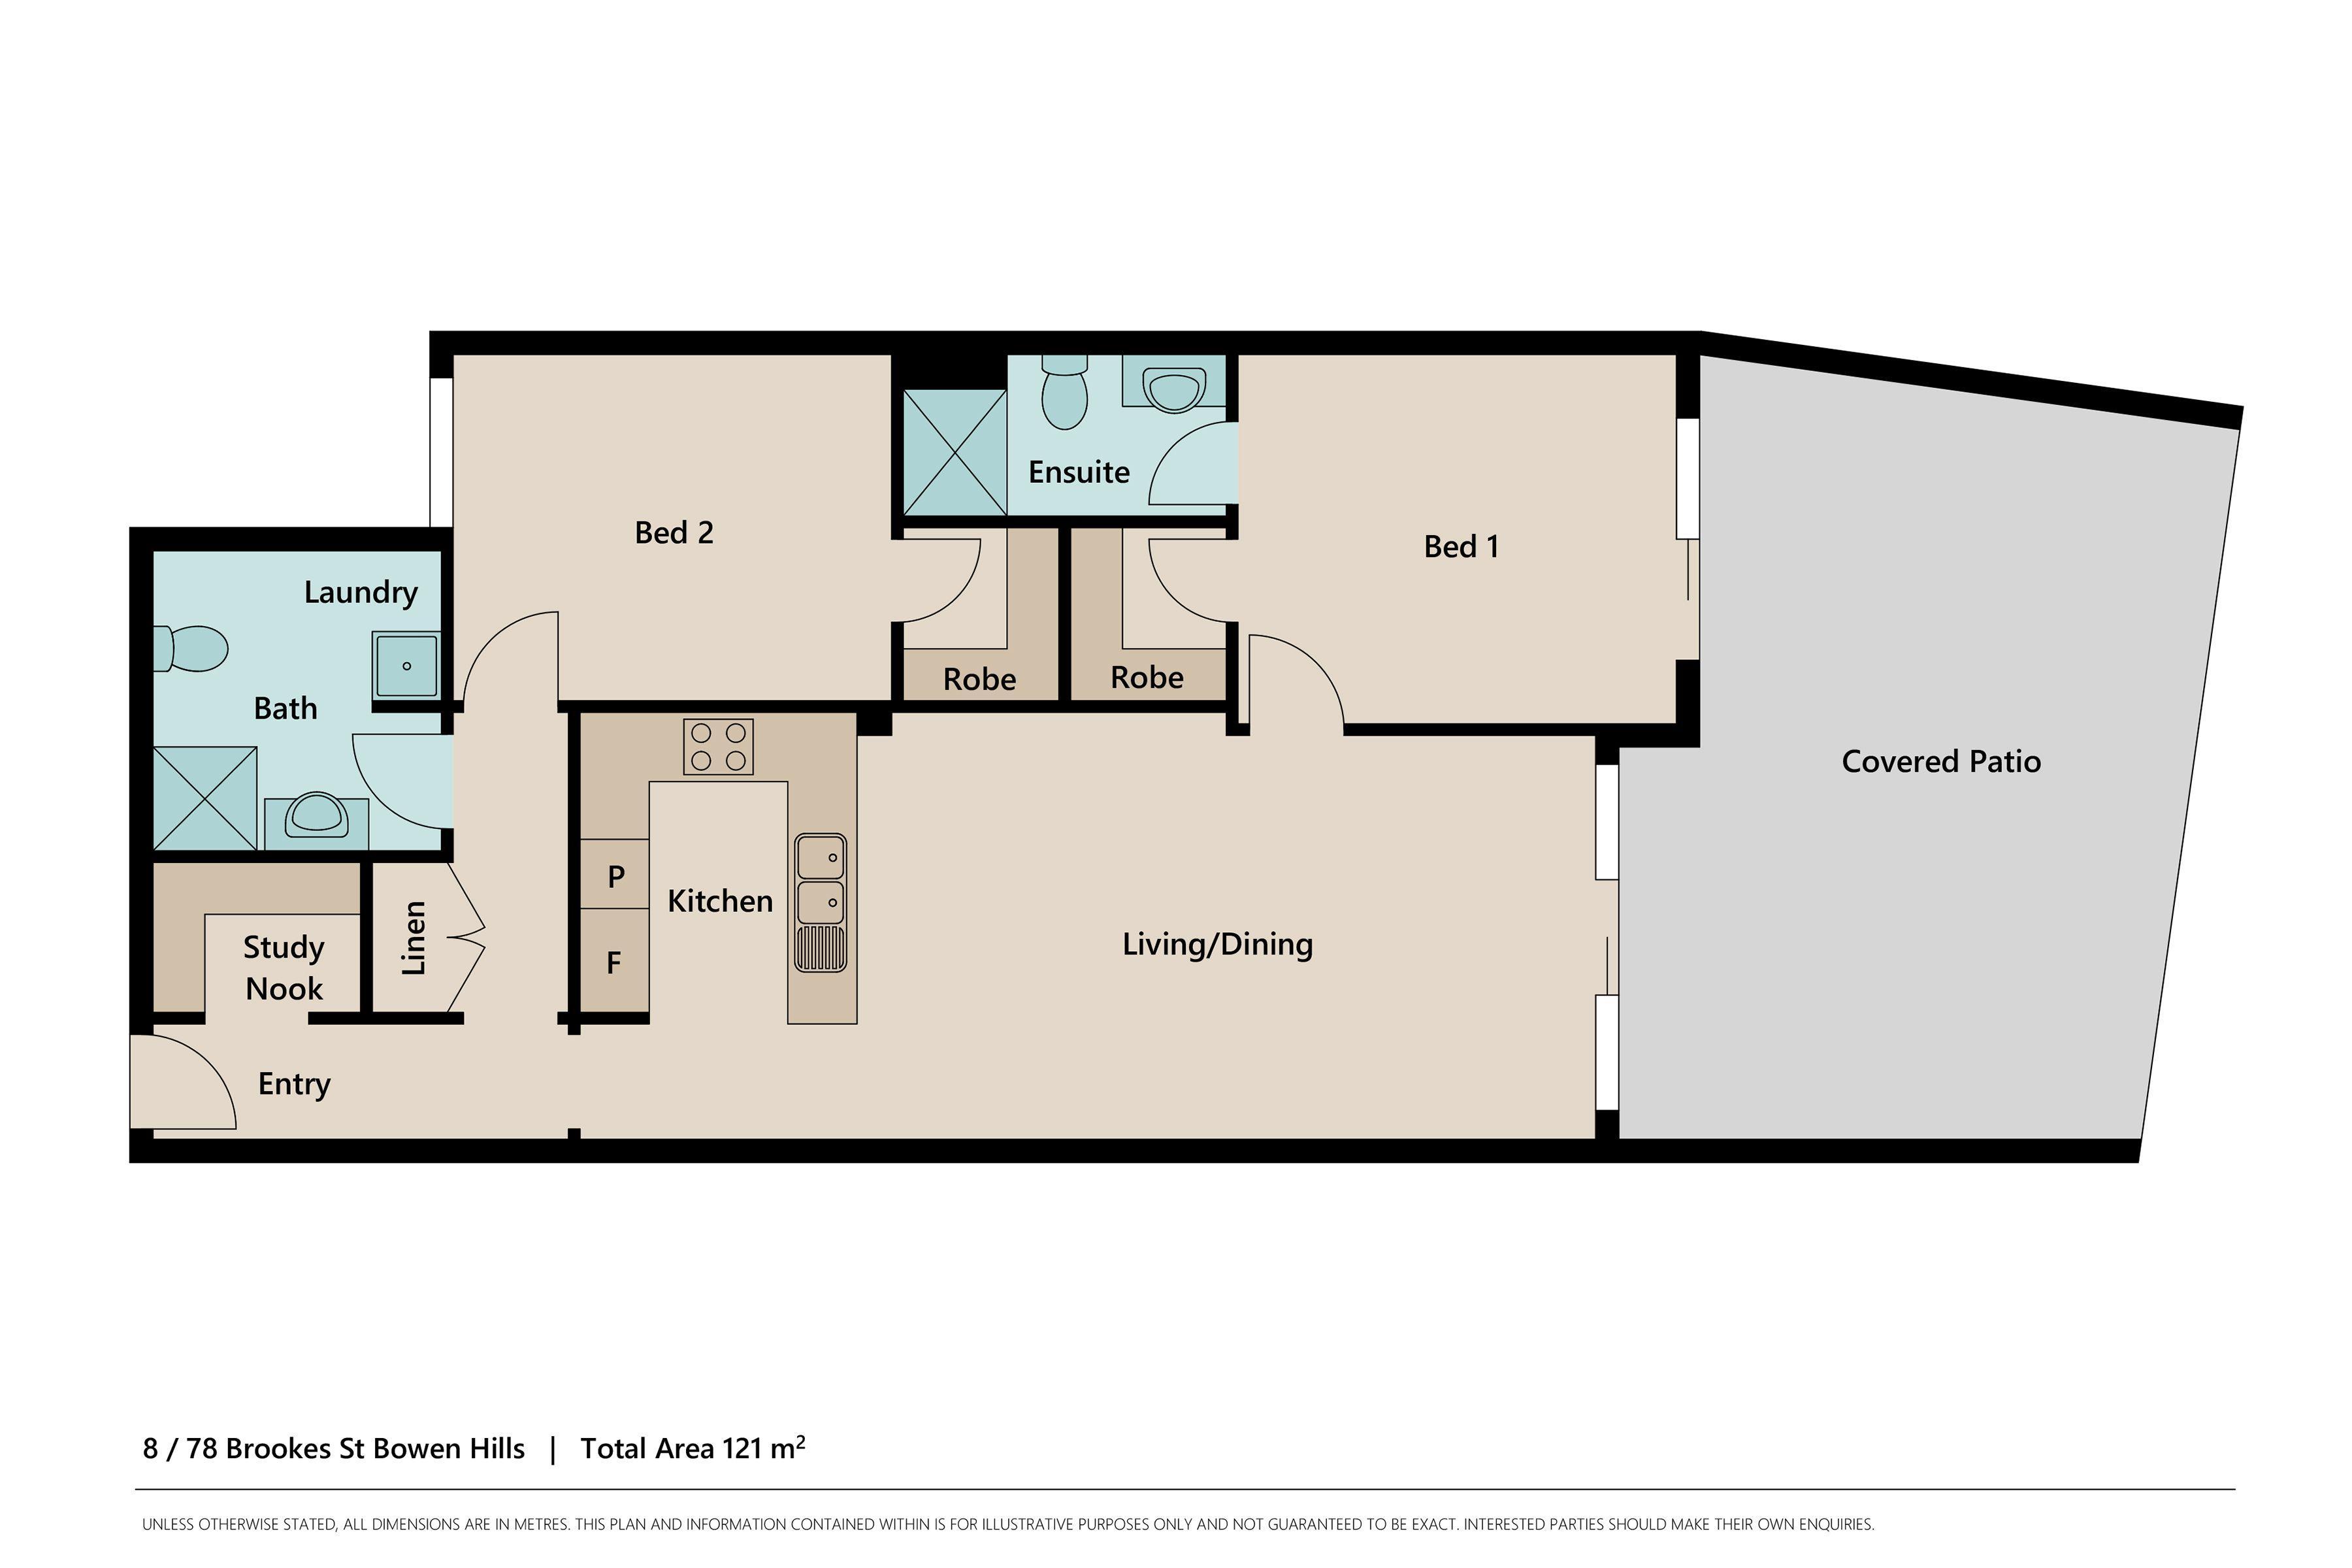 8/78 Brookes Street, Bowen Hills, QLD 4006, Sale & Rental ...